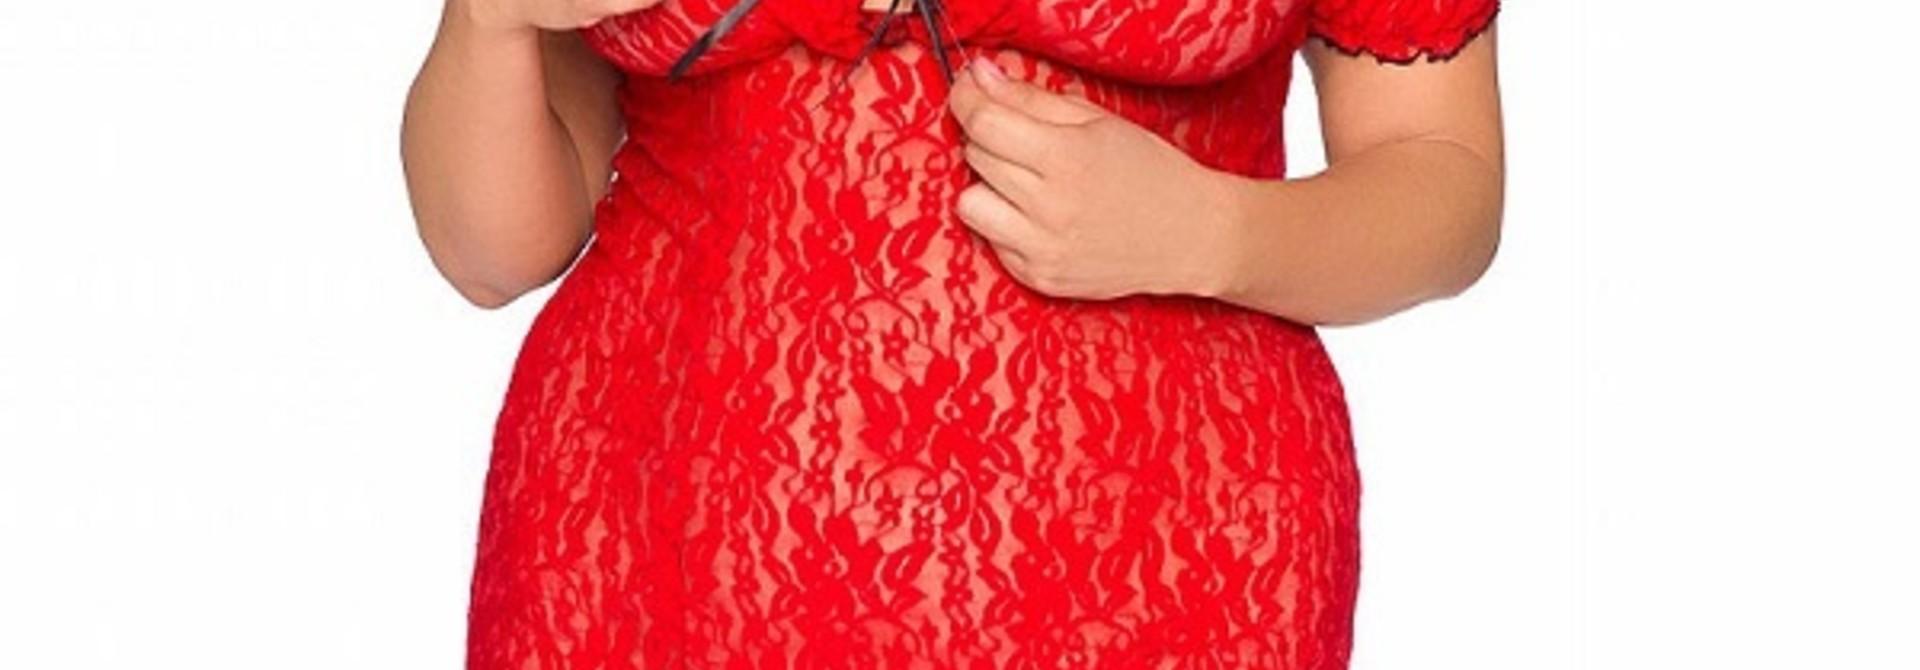 Rood Kanten Jurkje Rhona - Plus Size